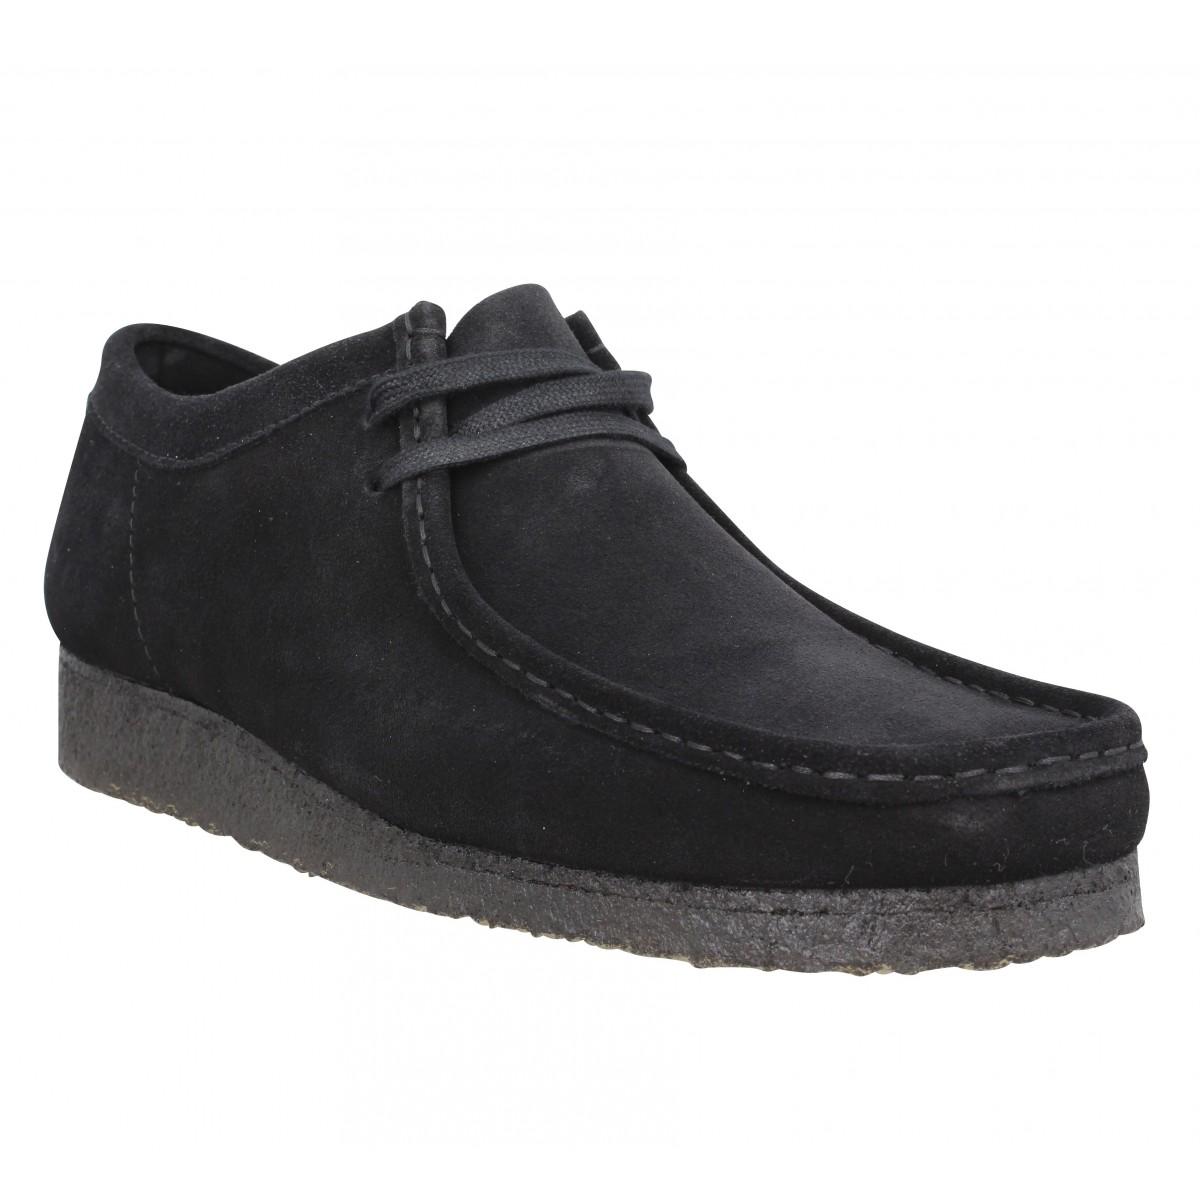 Chaussures à lacets CLARKS ORIGINALS Wallabee velours Homme Black